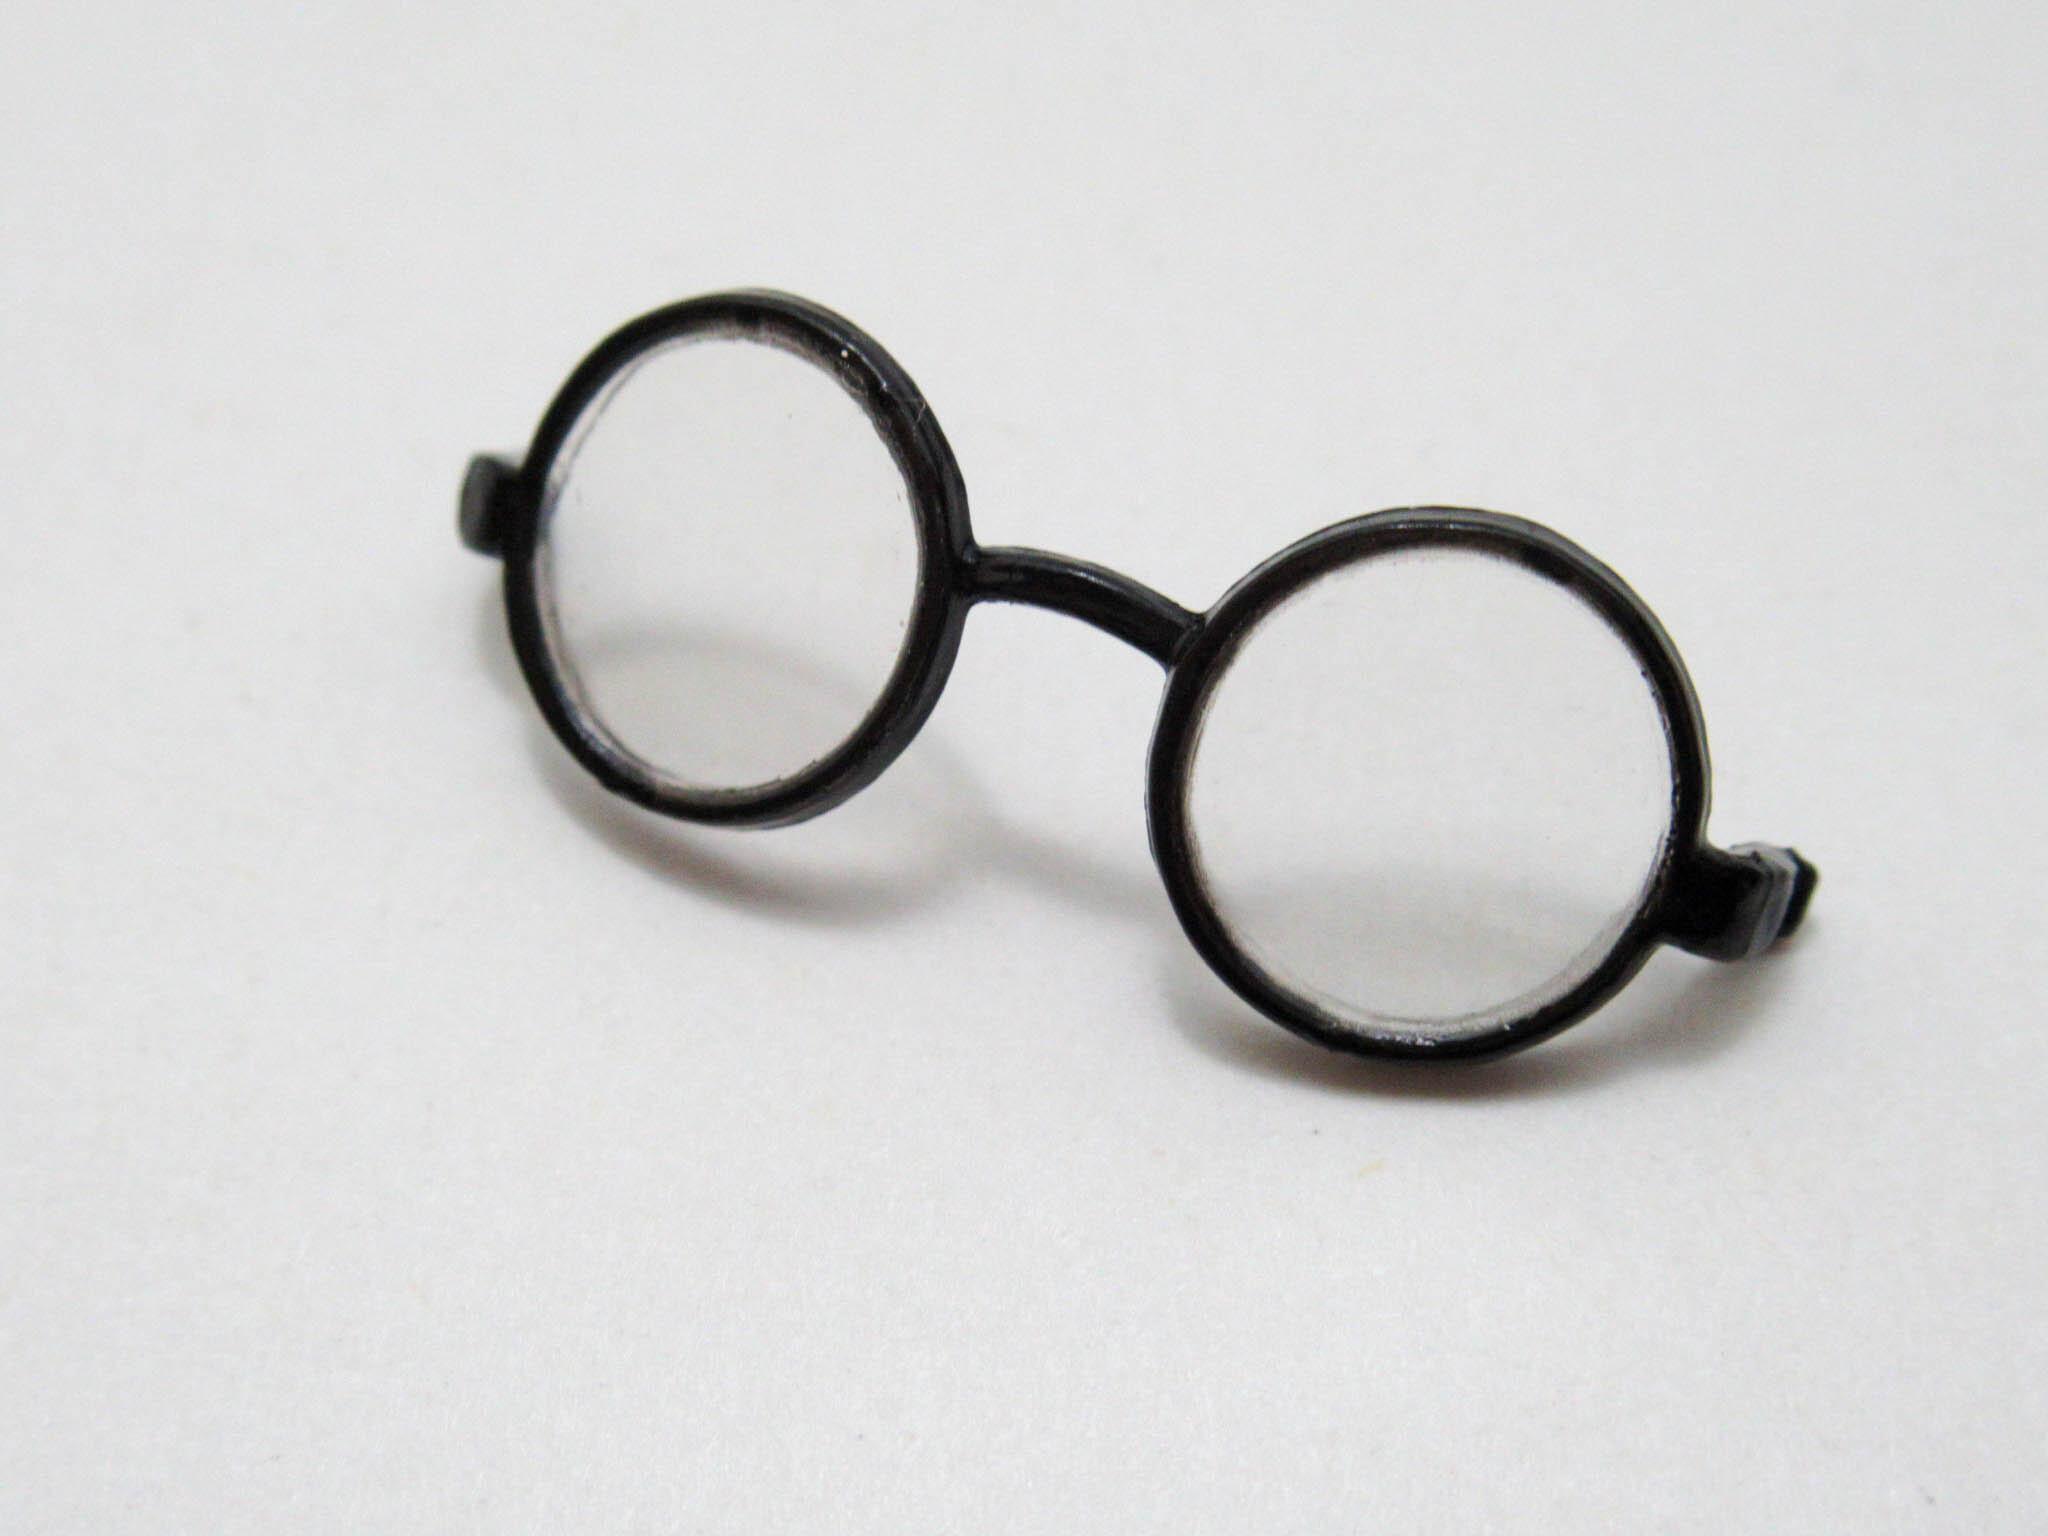 再入荷【1305】 ハリー・ポッター クィディッチVer. 小物パーツ メガネ ねんどろいど